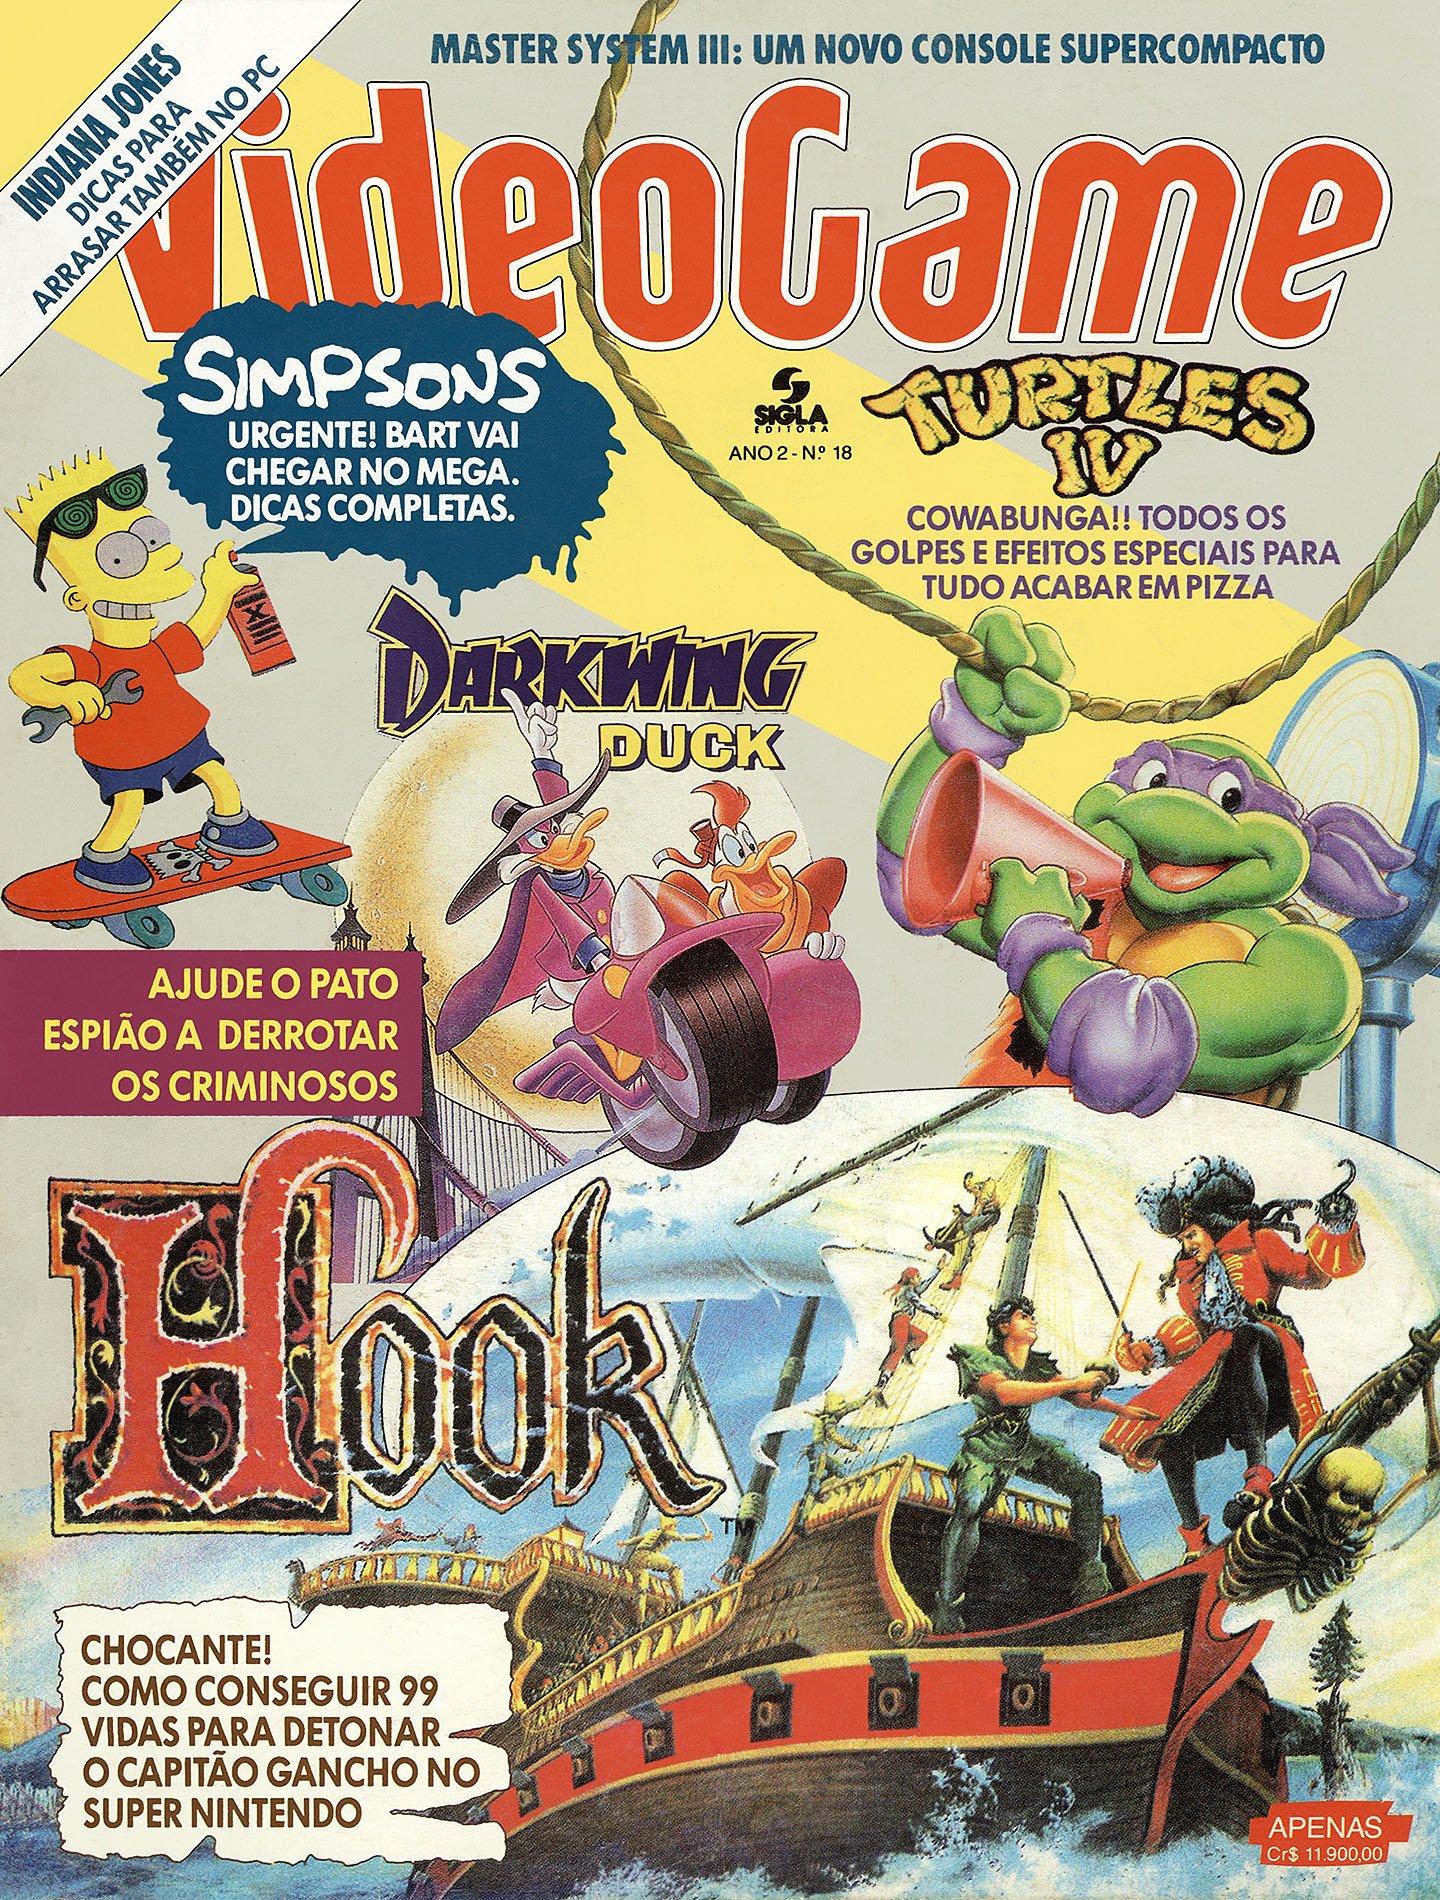 VideoGame Issue 18 (September 1992)